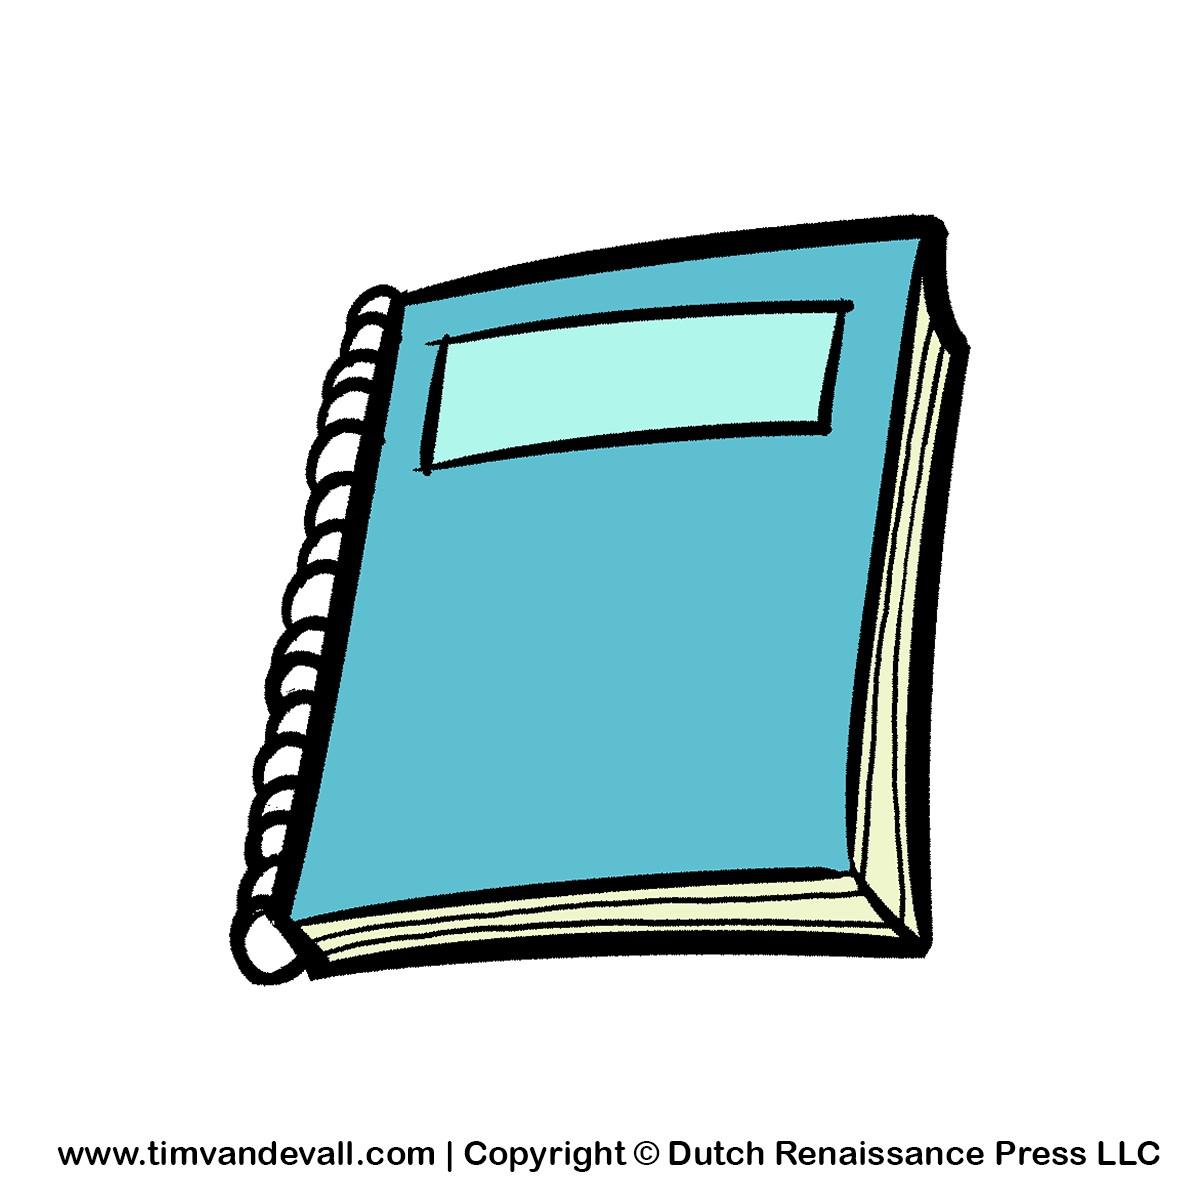 Notebook clipart kid math Clipart notebook clipart notebook A